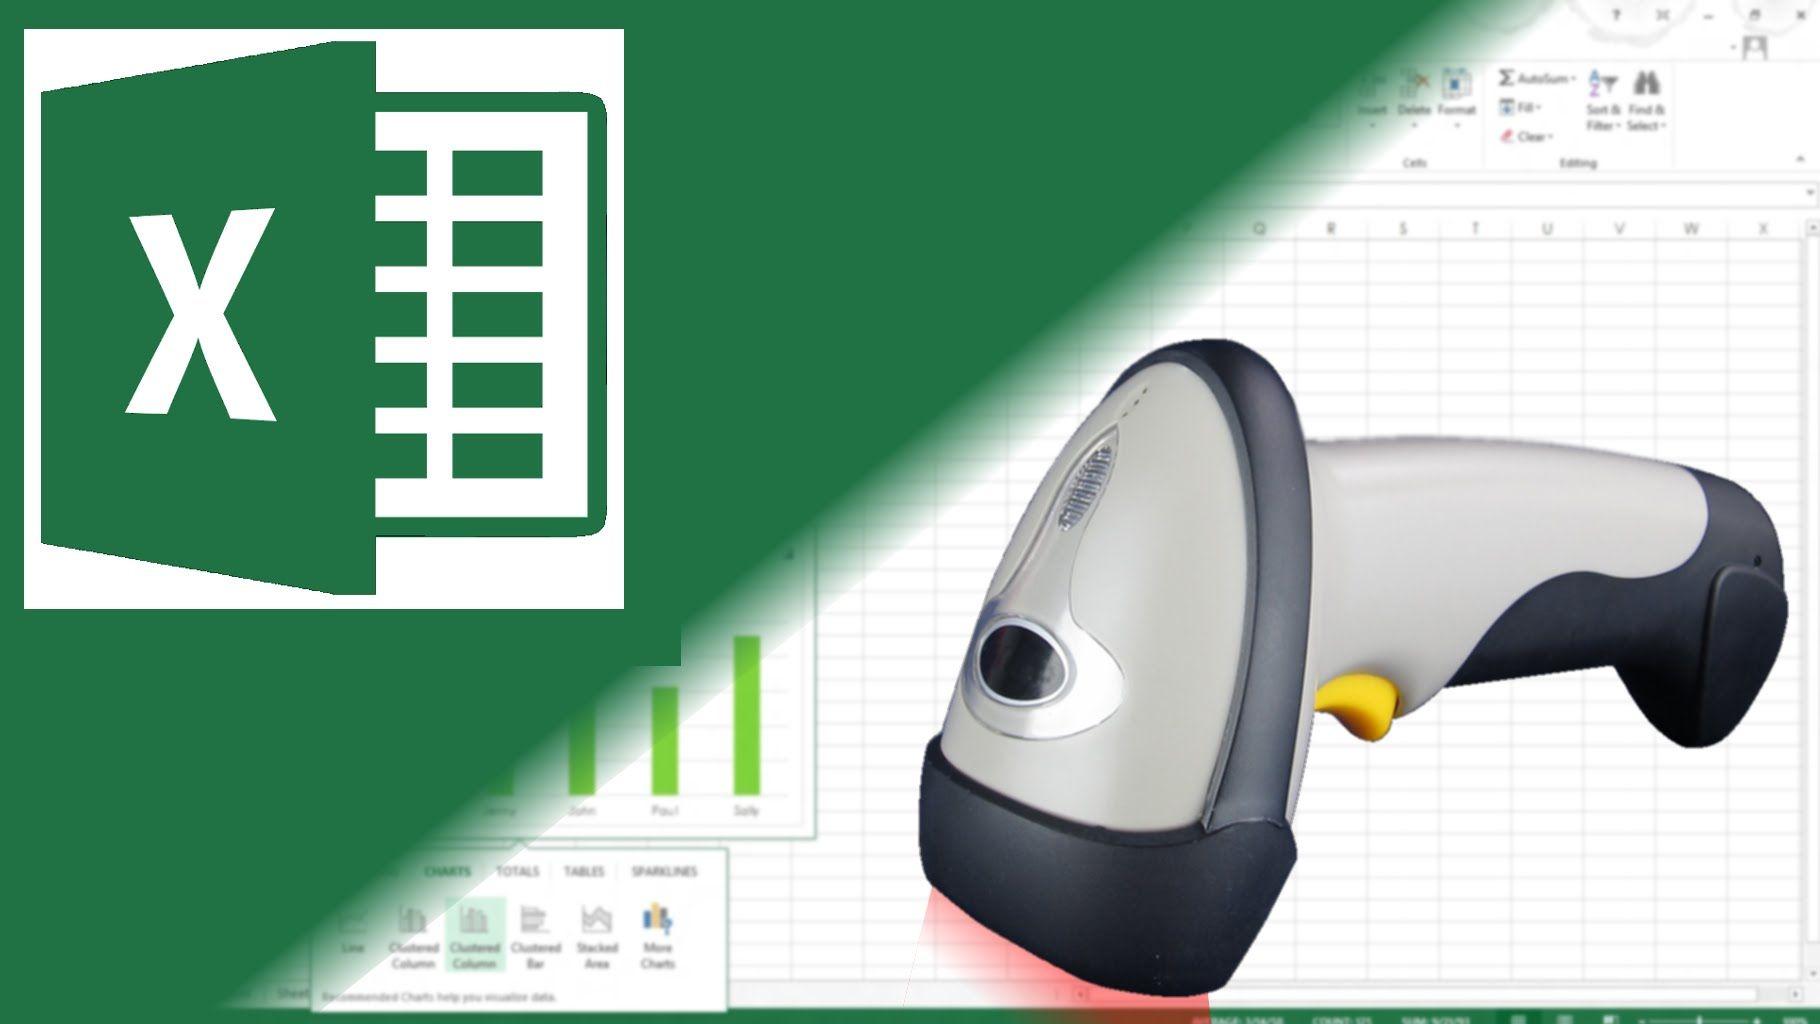 Cómo Hacer Un Inventario En Excel Con Código De Barras Paso A Paso Tecnologias De La Informacion Y Comunicacion Microsoft Excel Informatica Y Computacion